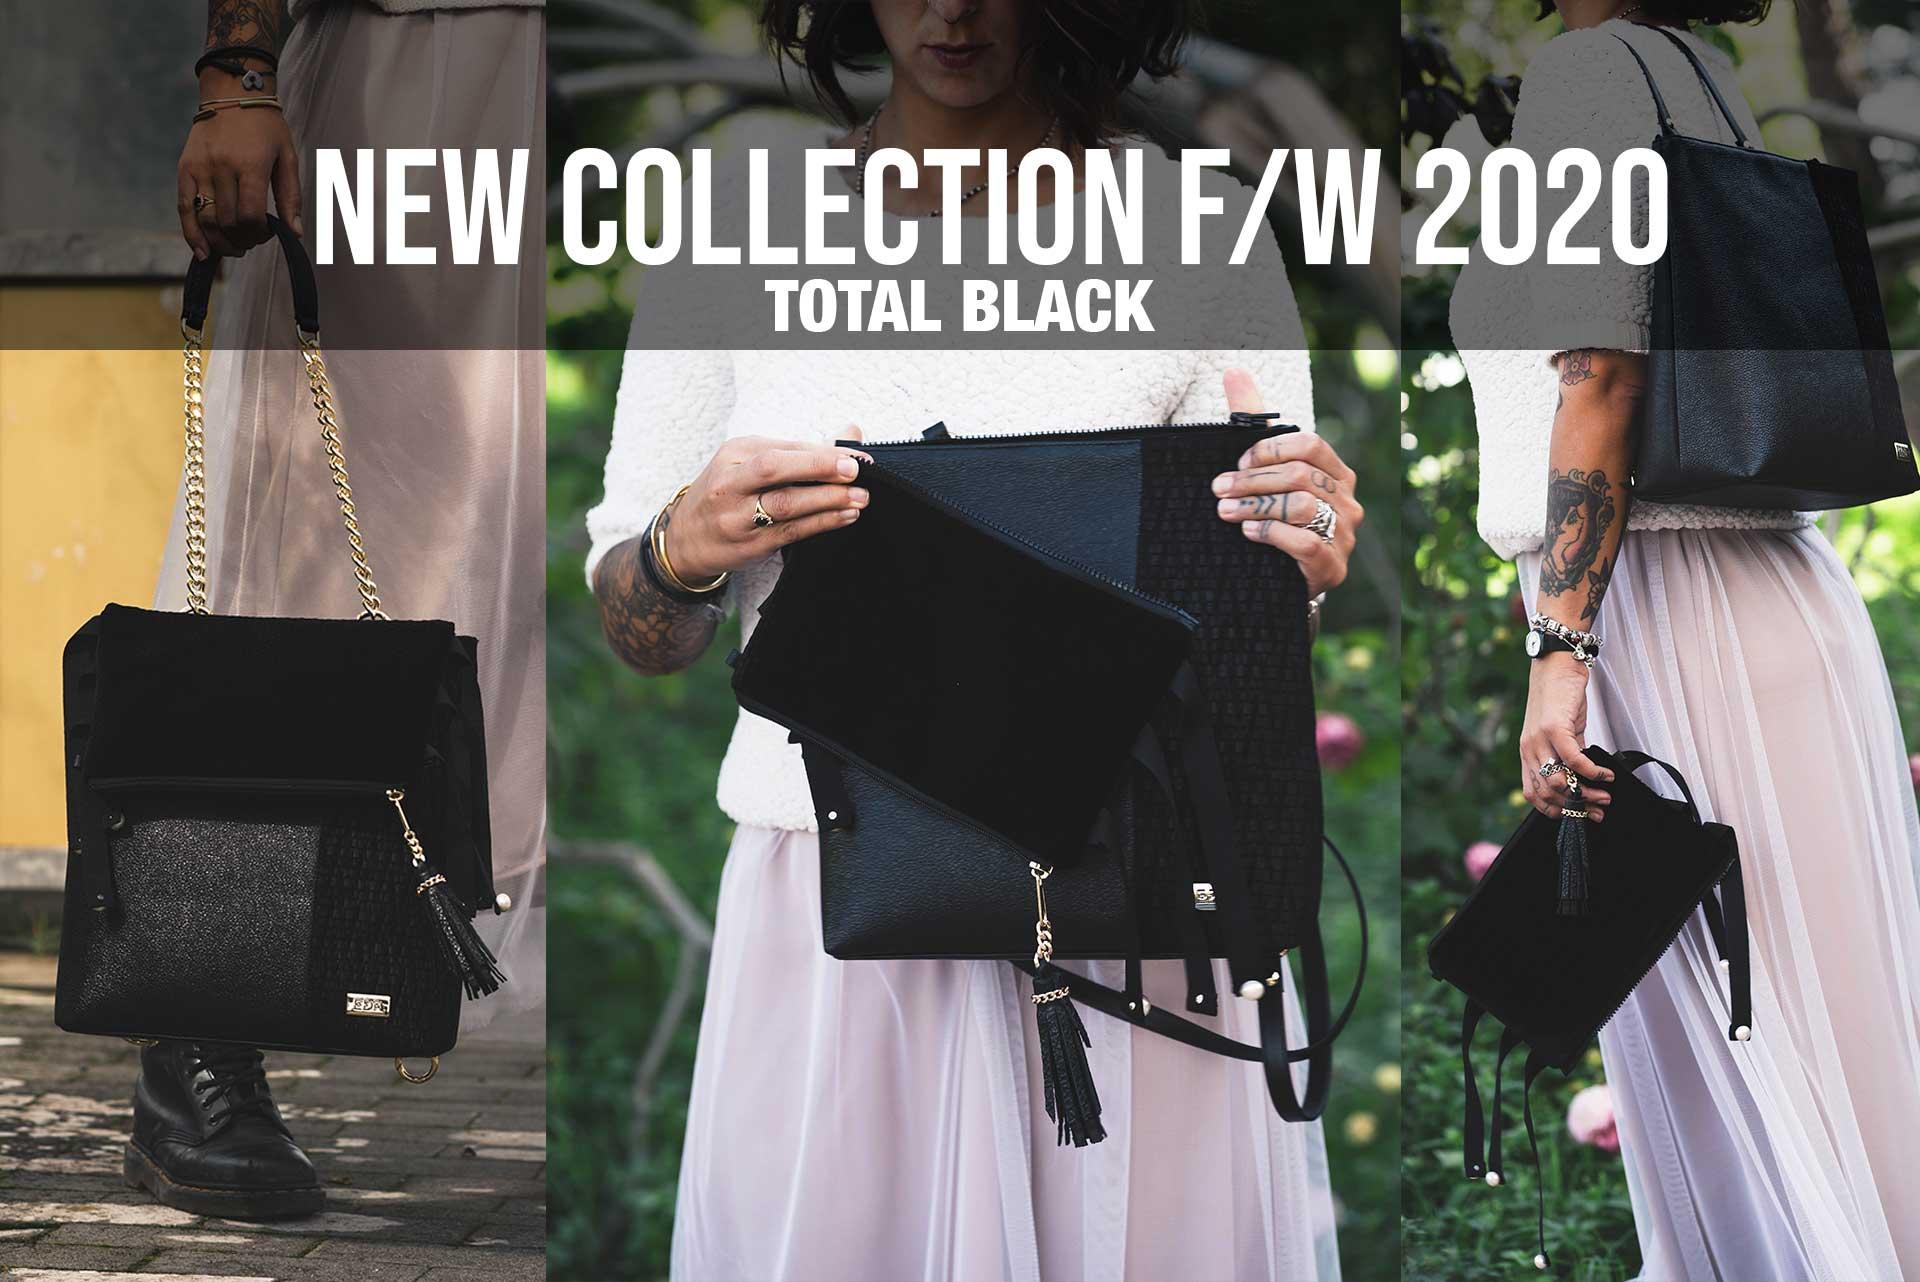 collezione-total-black-edr-ok